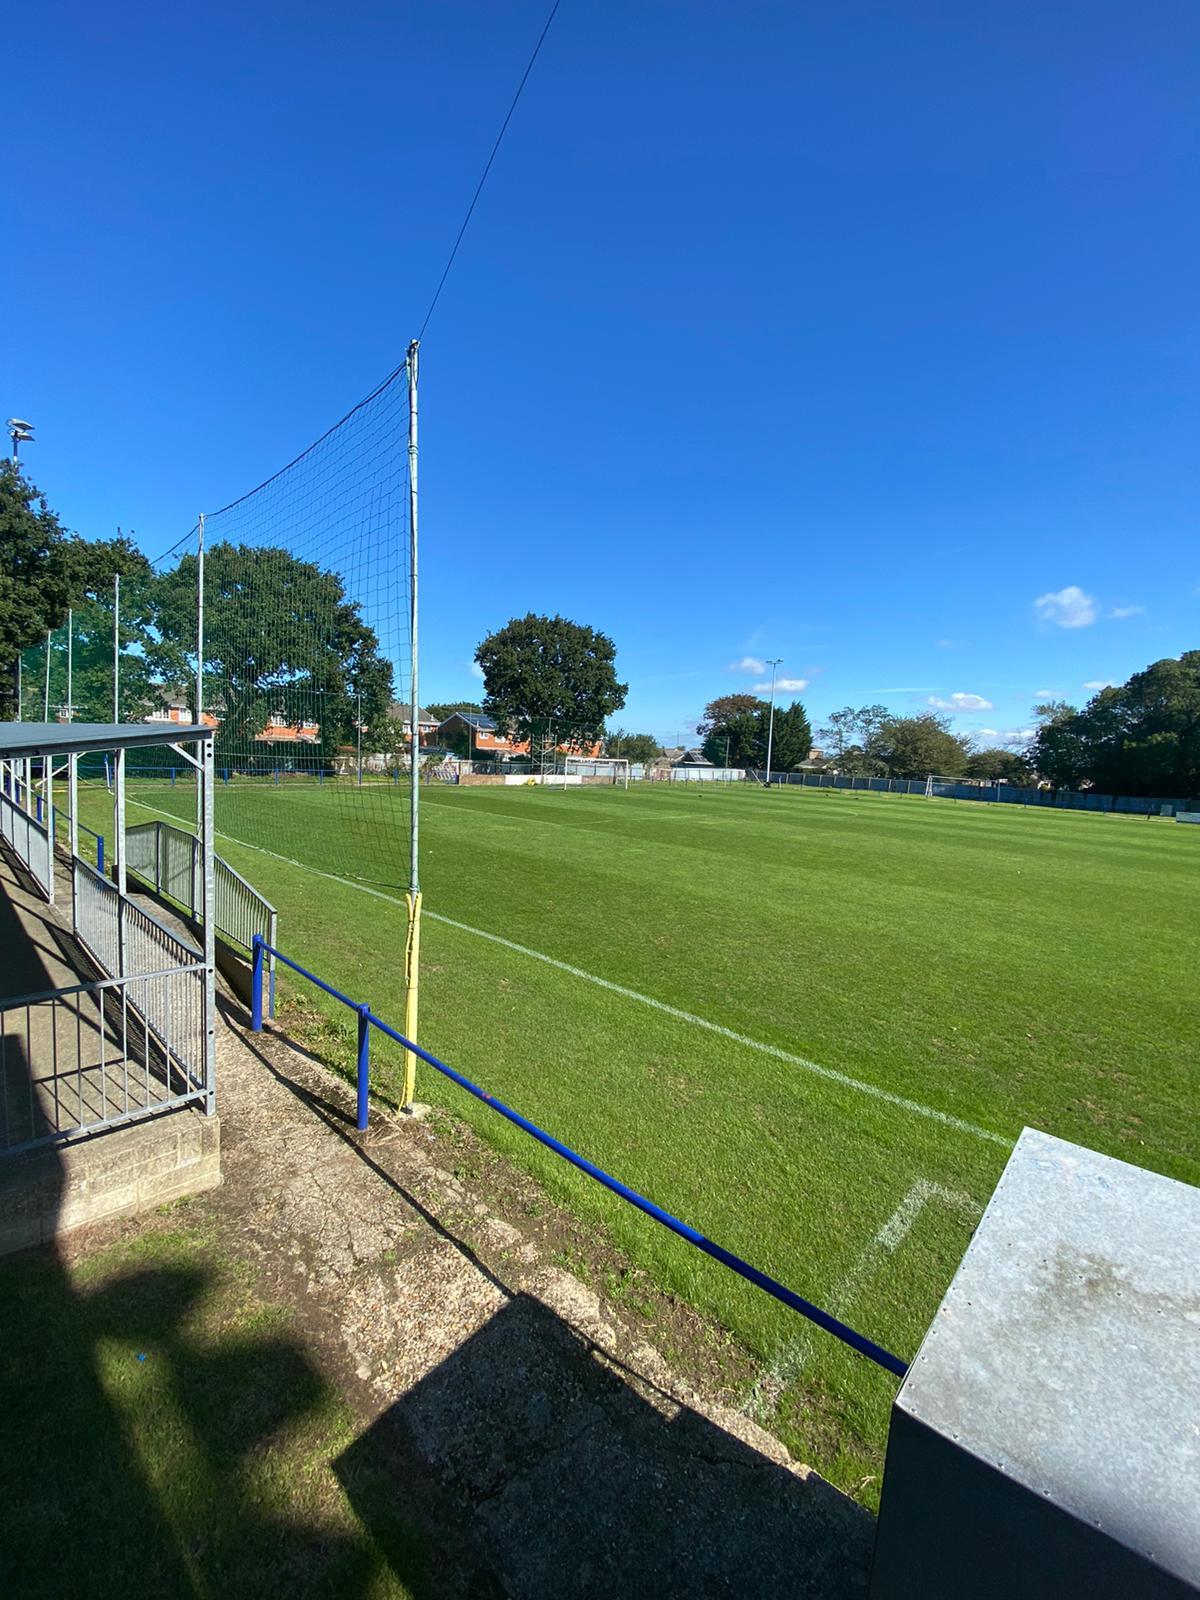 Westwood Park Pitch